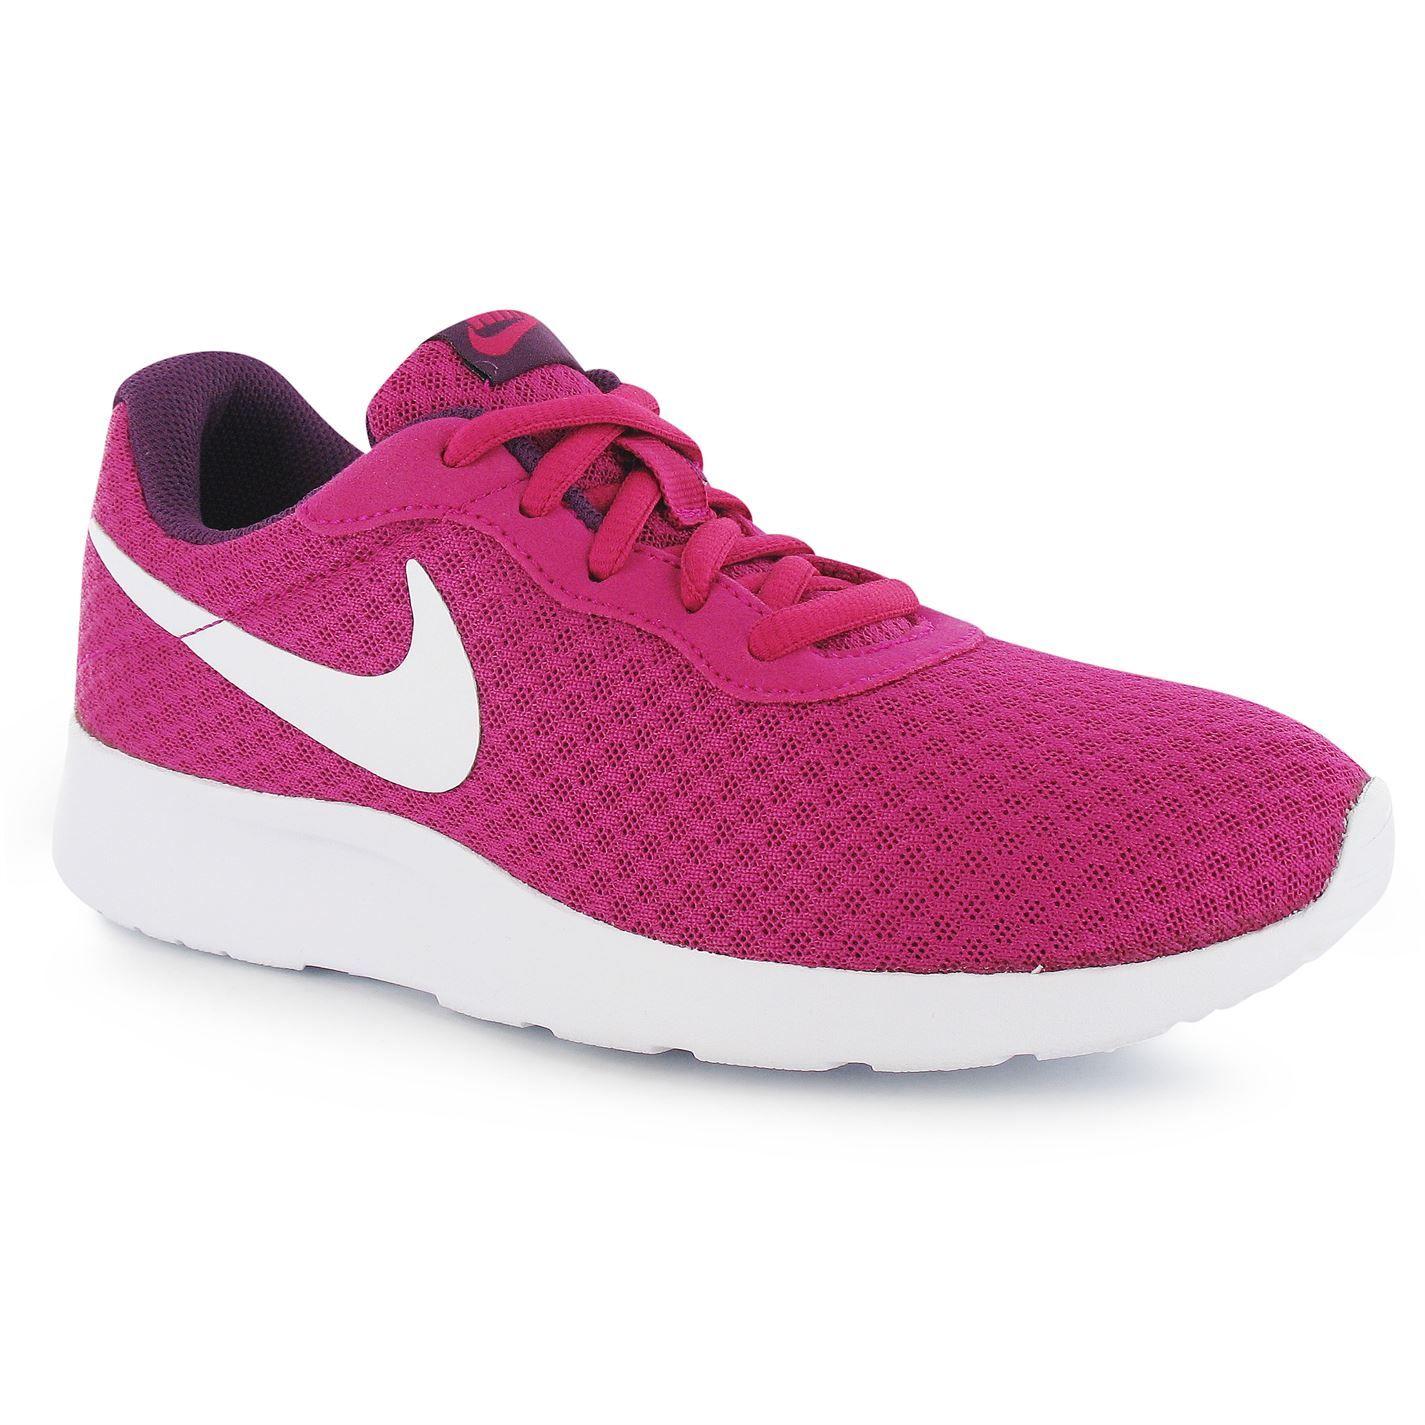 italy nike tanjun hot pink ed28b fb28a 5485c8018